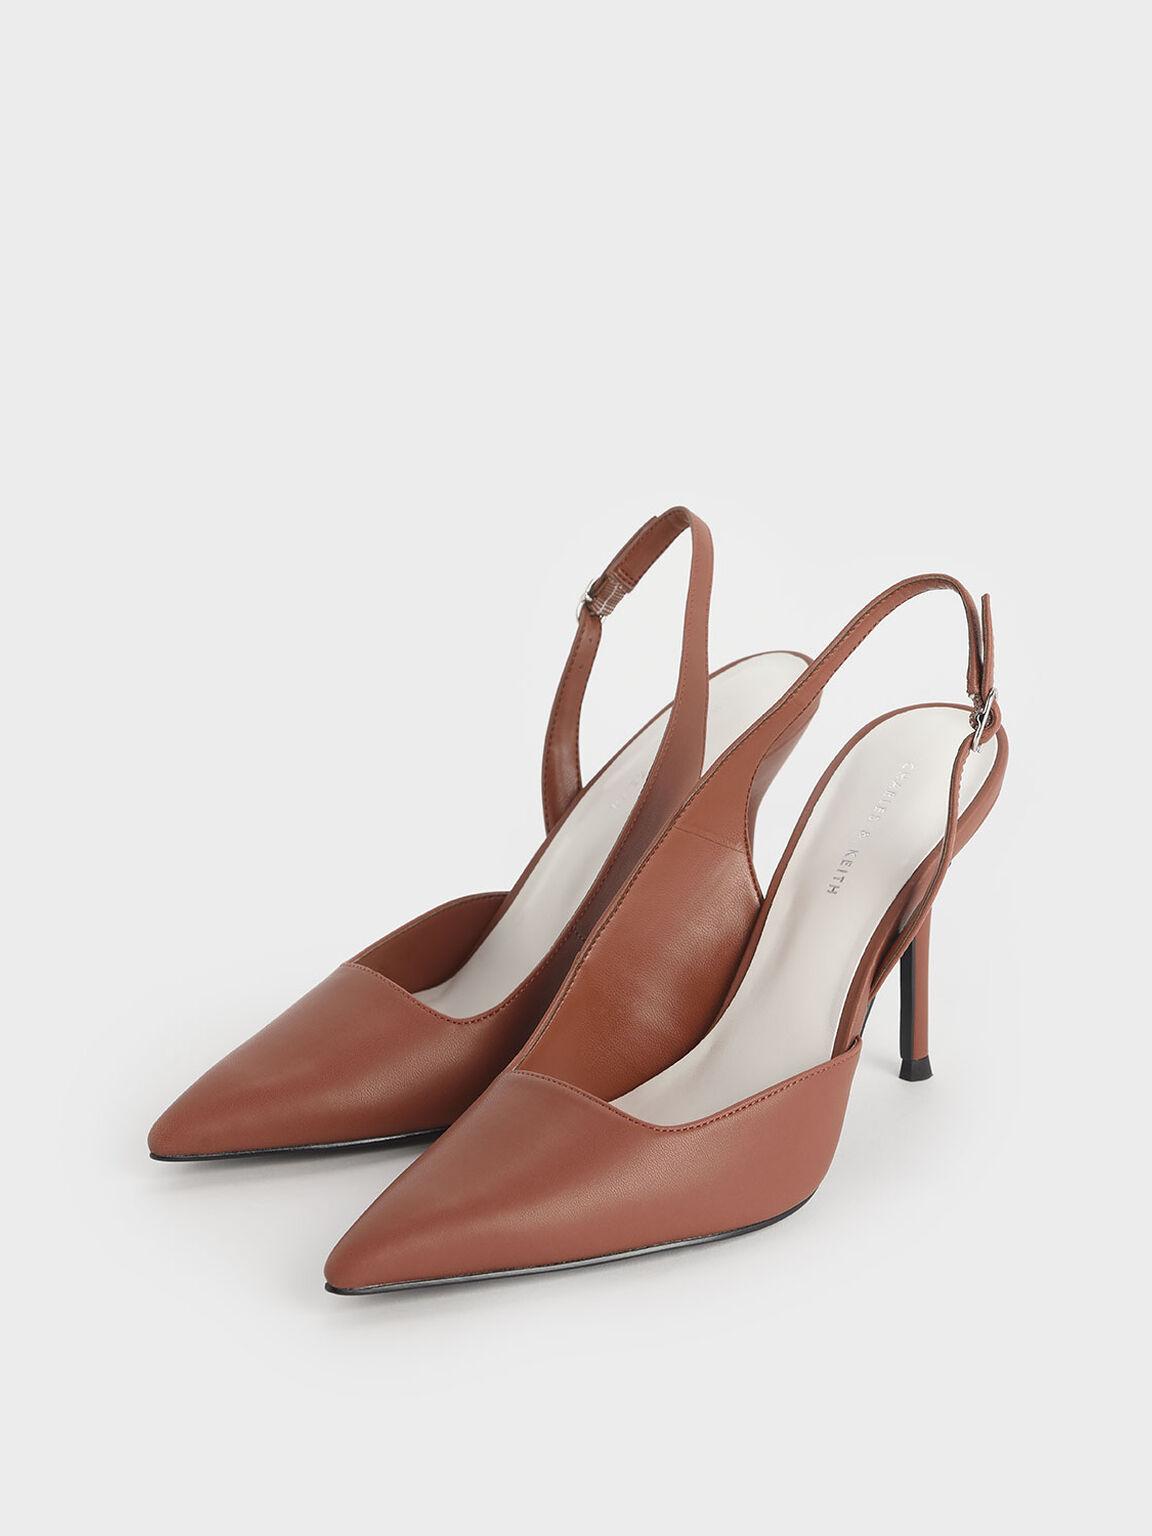 D'Orsay Slingback Heels, Brick, hi-res